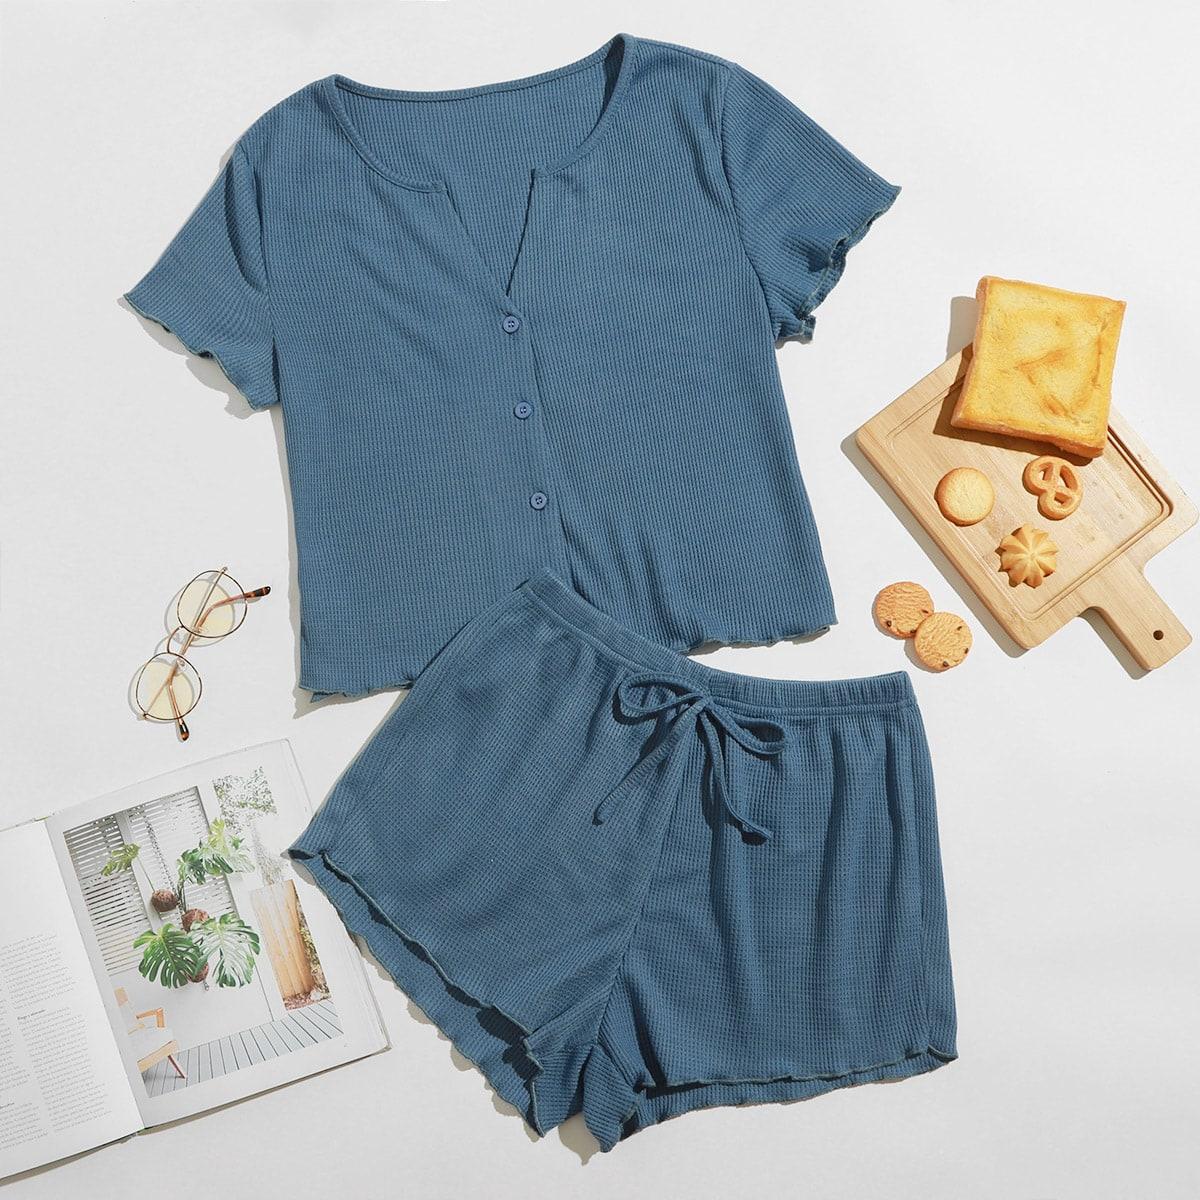 Однотонный комплект одежды в рубчик